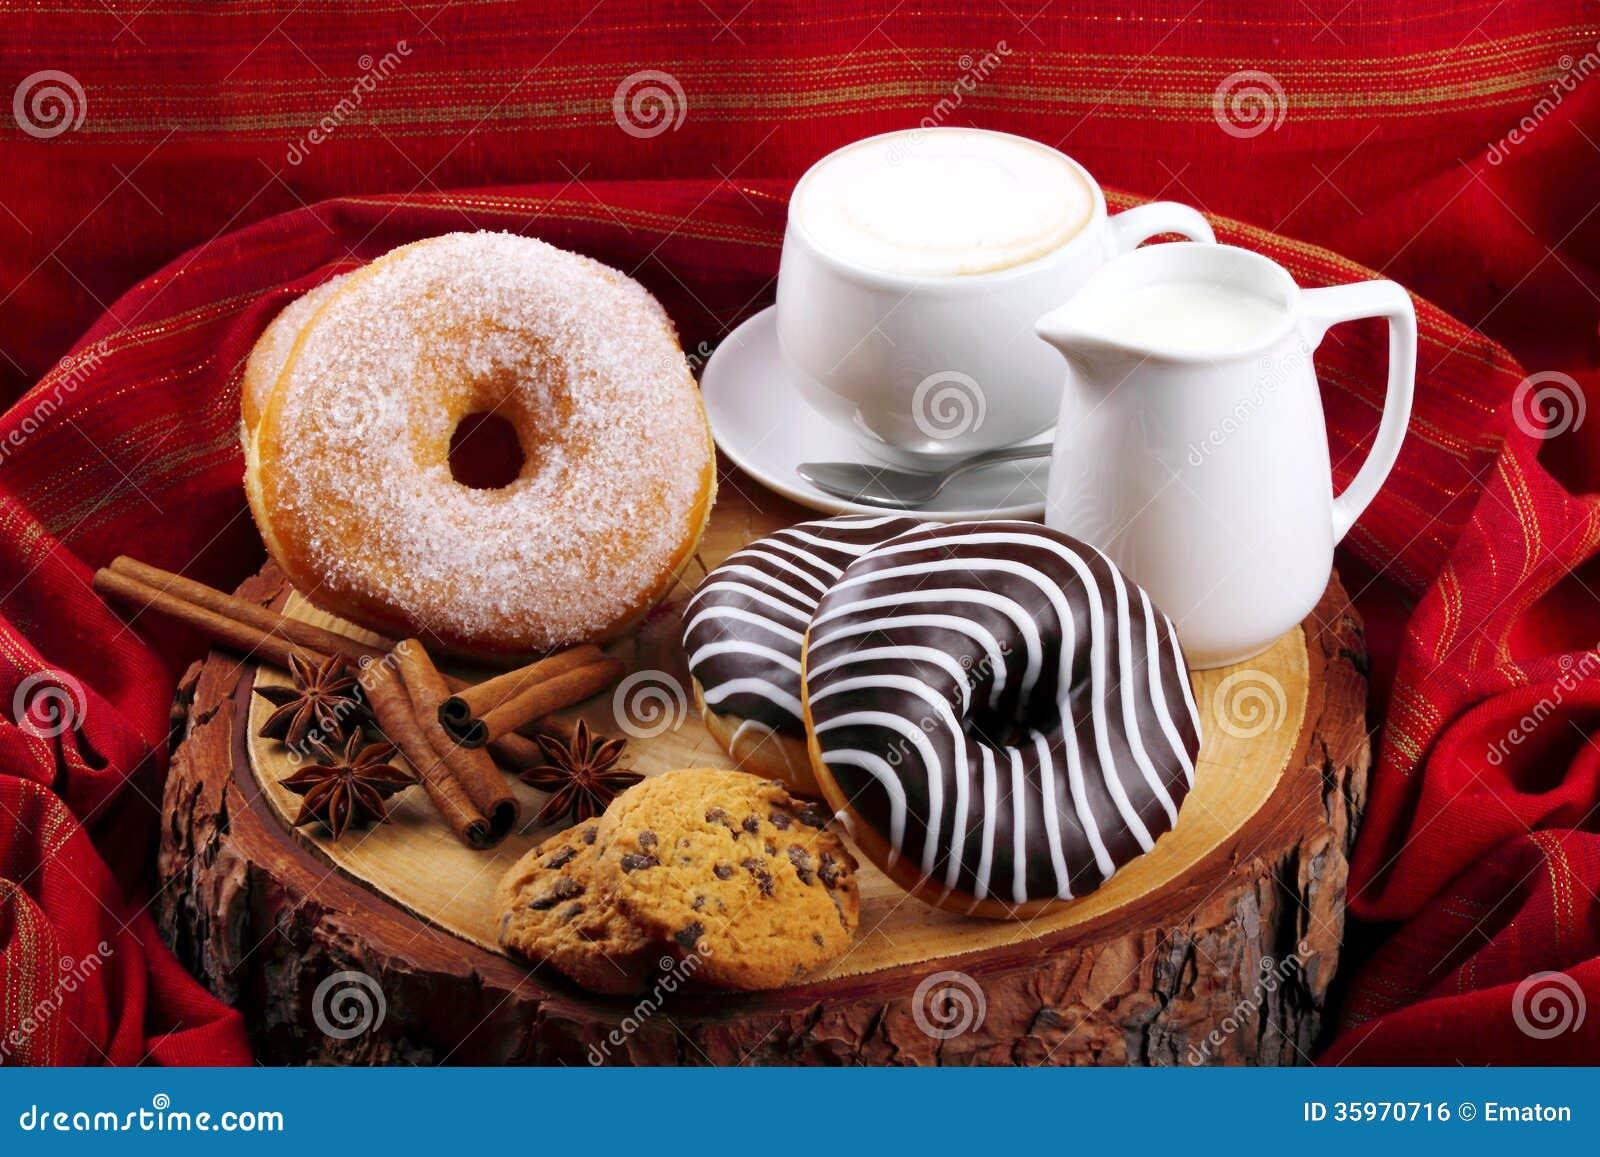 Cebra de los anillos de espuma y anillos de espuma azucarados